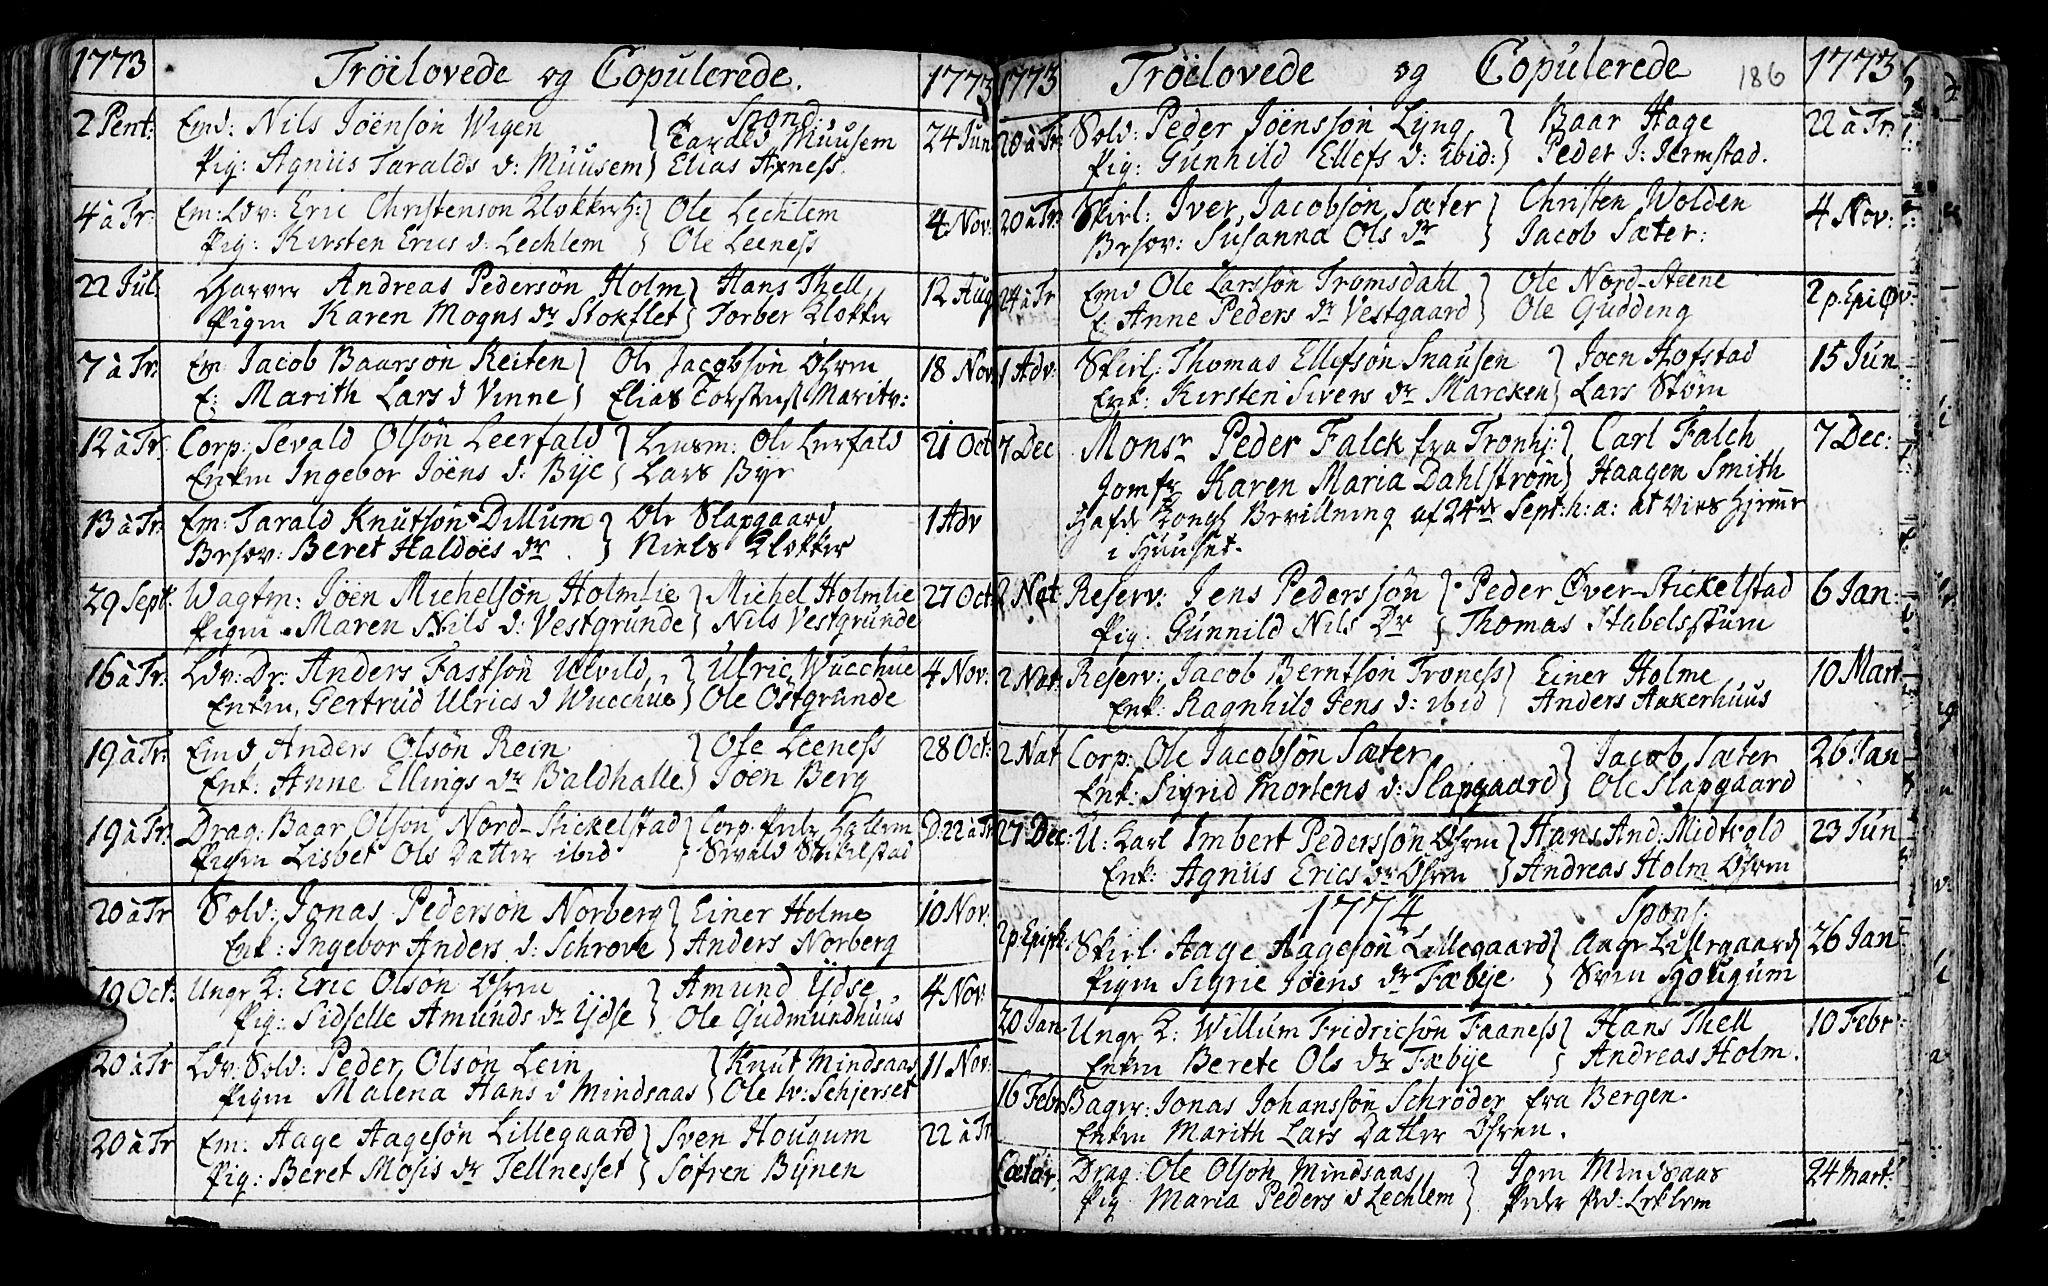 SAT, Ministerialprotokoller, klokkerbøker og fødselsregistre - Nord-Trøndelag, 723/L0231: Ministerialbok nr. 723A02, 1748-1780, s. 186